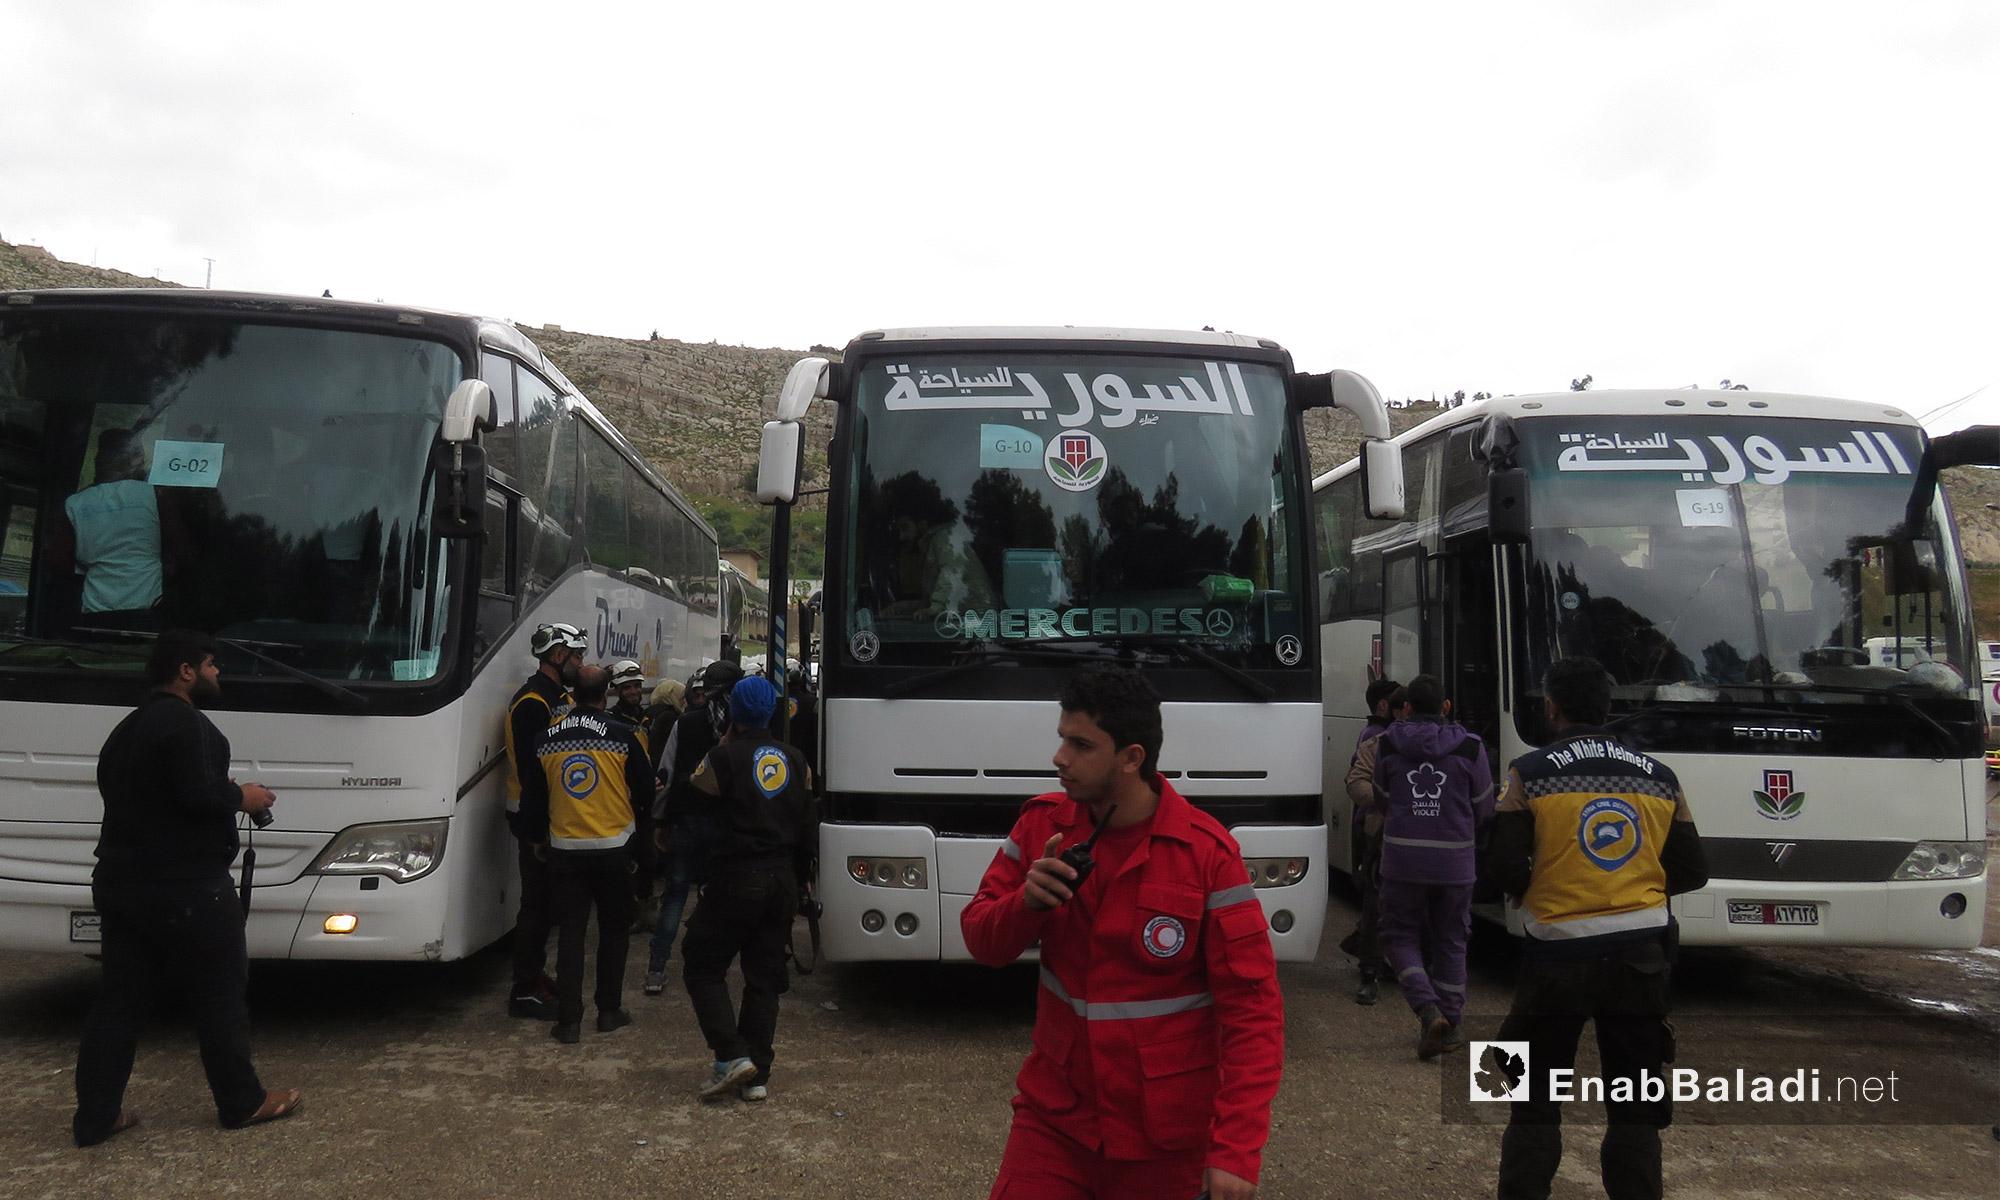 حافلات وصلت من عربين إلى قلعة المضيق غربي حماة - 25 آذار 2018 (عنب بلدي)